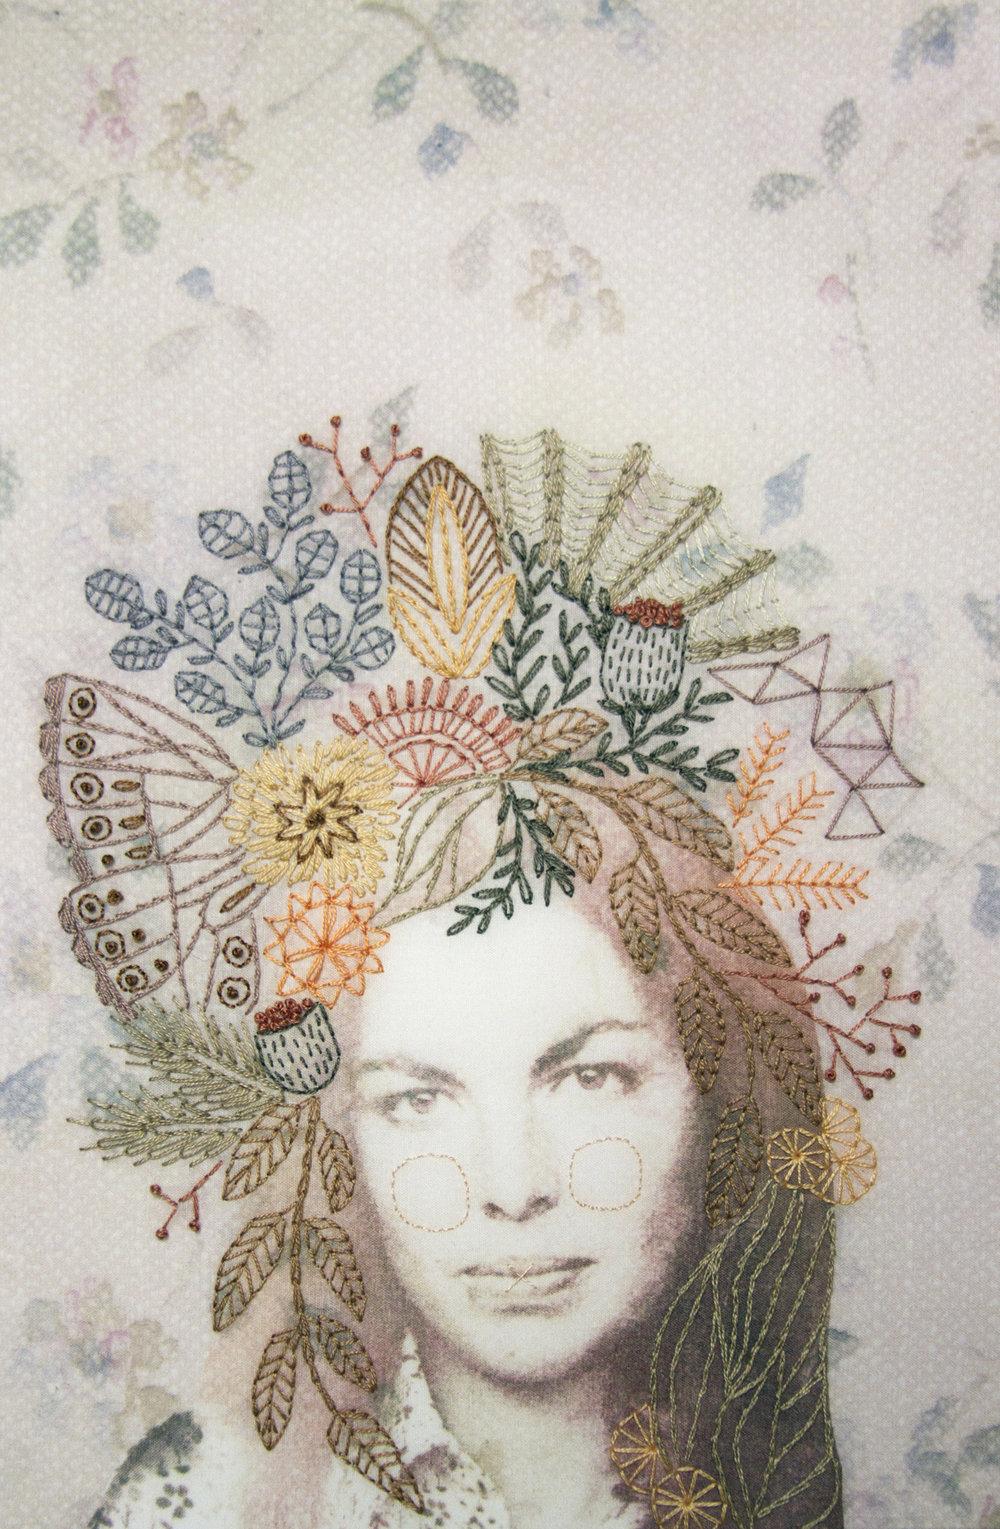 Chelsea Revelle,  Audra,  fiber art, 12x18